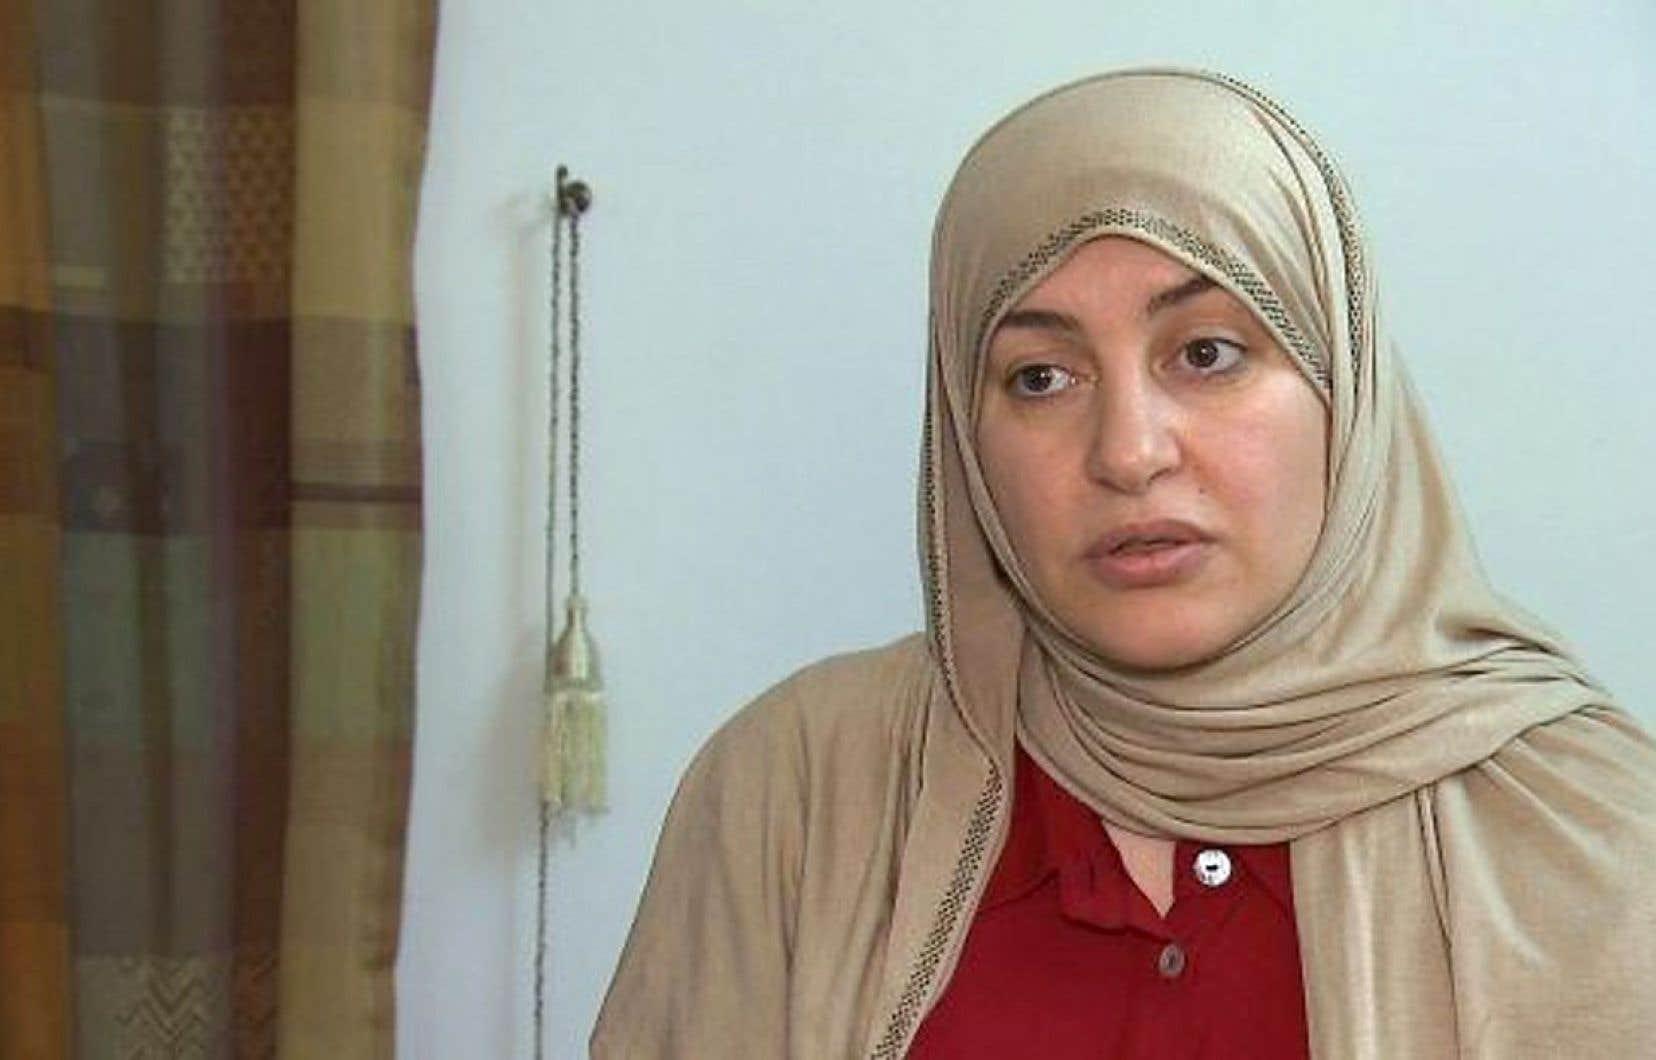 Rania el-Alloul, une Montréalaise, a refusé d'obtempérer à la demande de la juge et entend porter plainte auprès du Conseil de la magistrature du Québec.